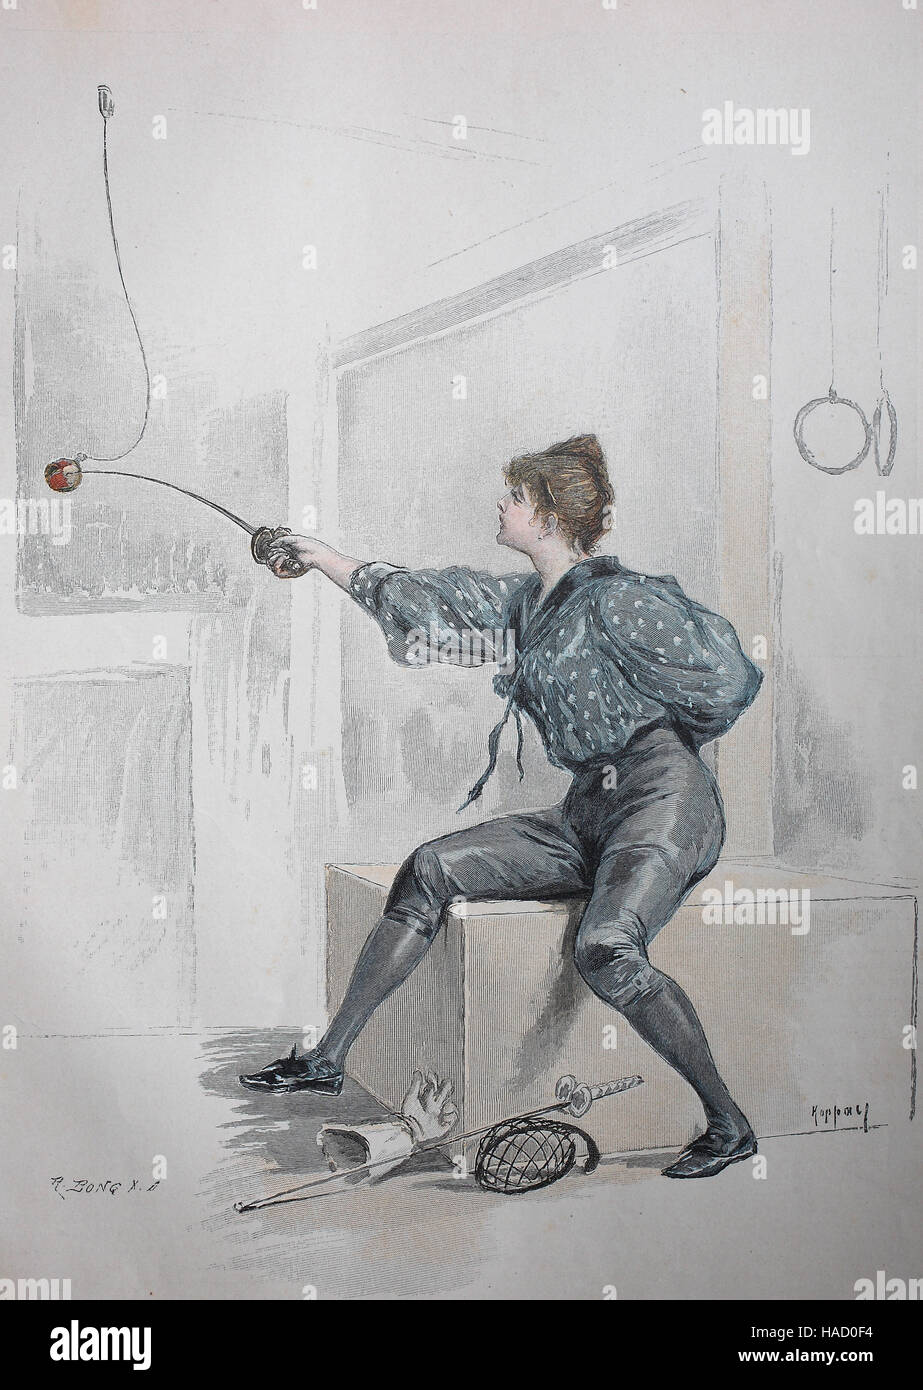 Donna di scherma, illustrazione pubblicato nel 1880 Immagini Stock